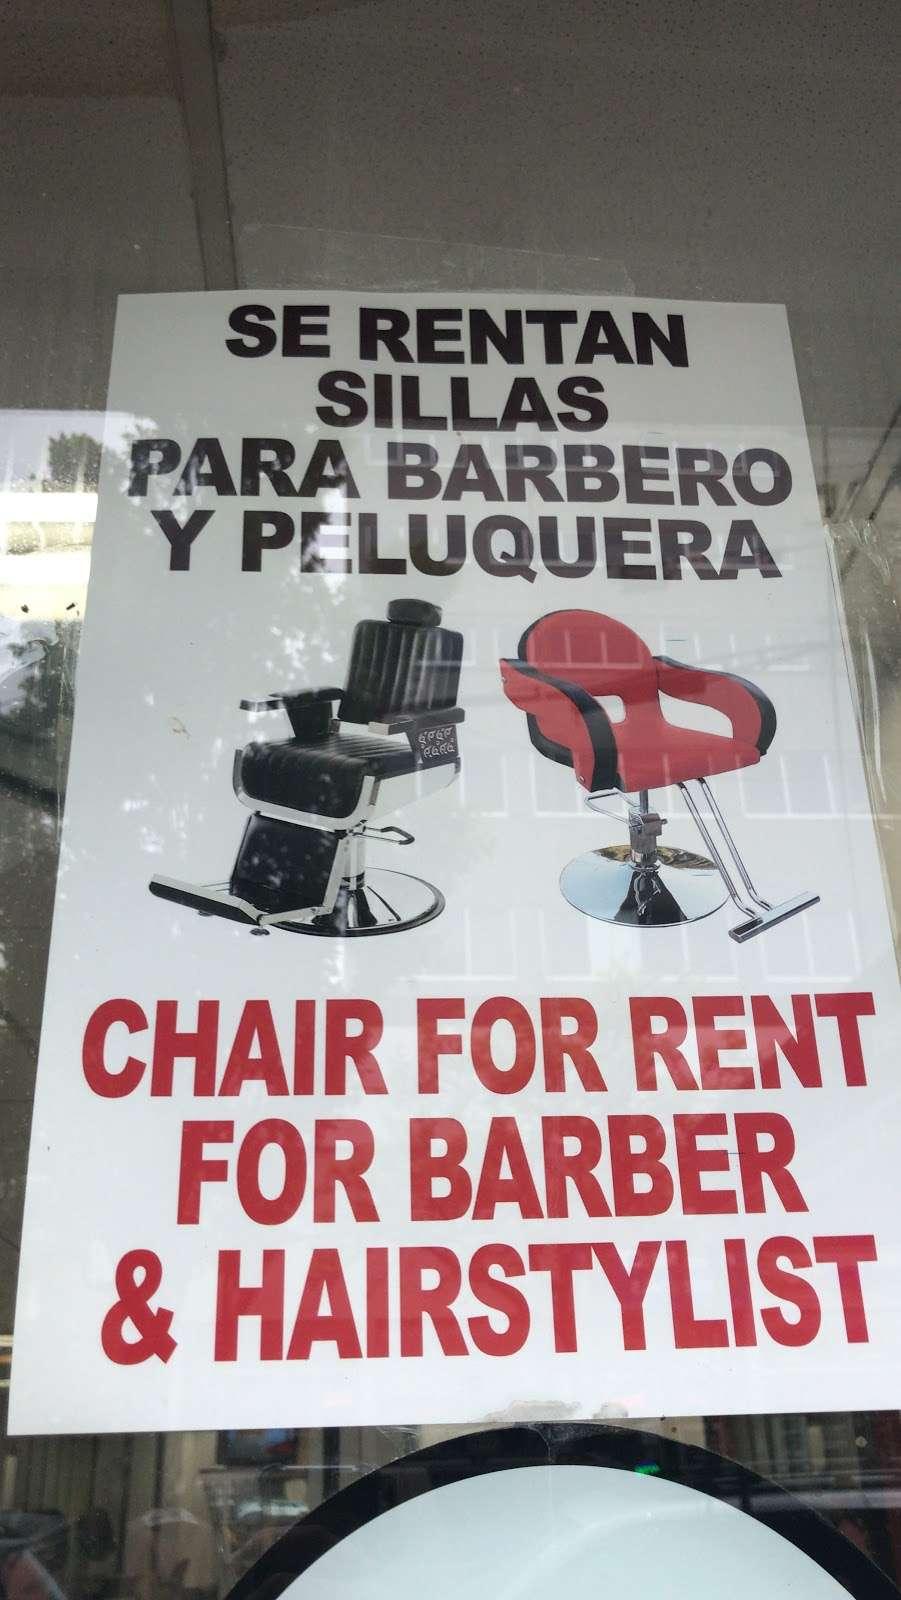 De Extremo A Extremo Barber Shop & Salon - hair care  | Photo 2 of 3 | Address: 430E E 138th St, Bronx, NY 10454, USA | Phone: (718) 676-0586